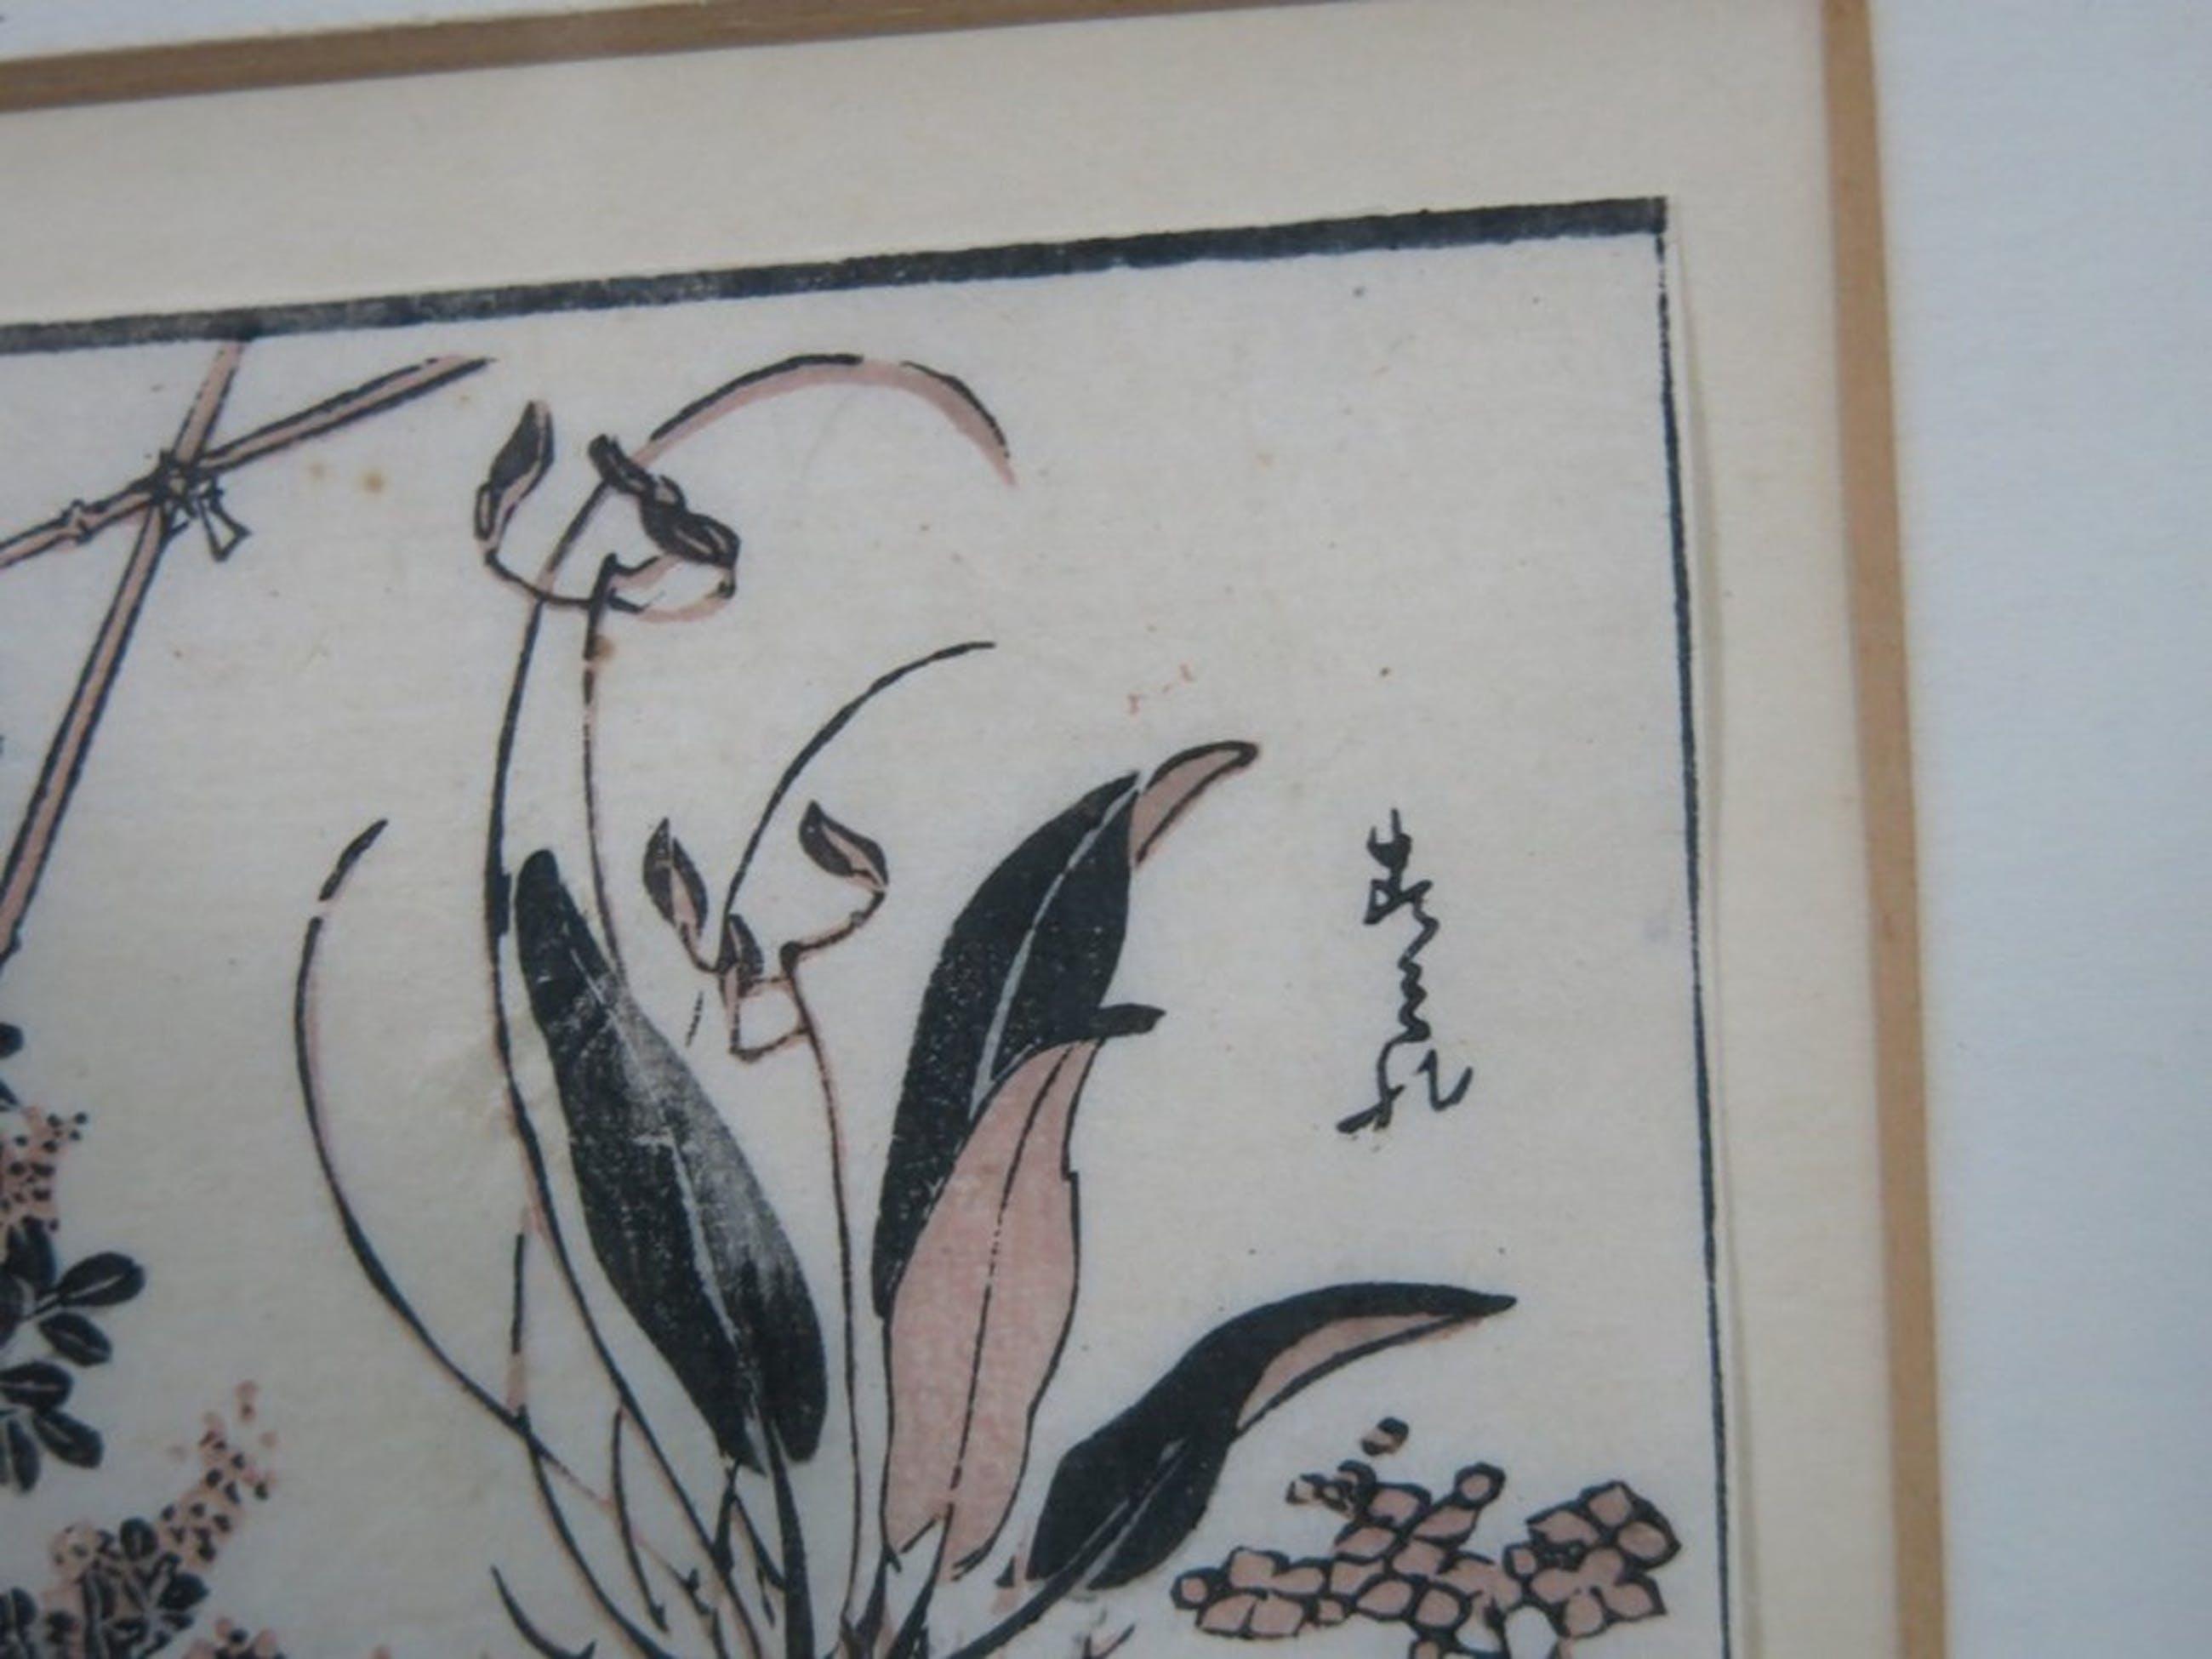 Onbekende kunstenaar: Houtsnede op Japans papier, Studie van planten - Ingelijst kopen? Bied vanaf 10!